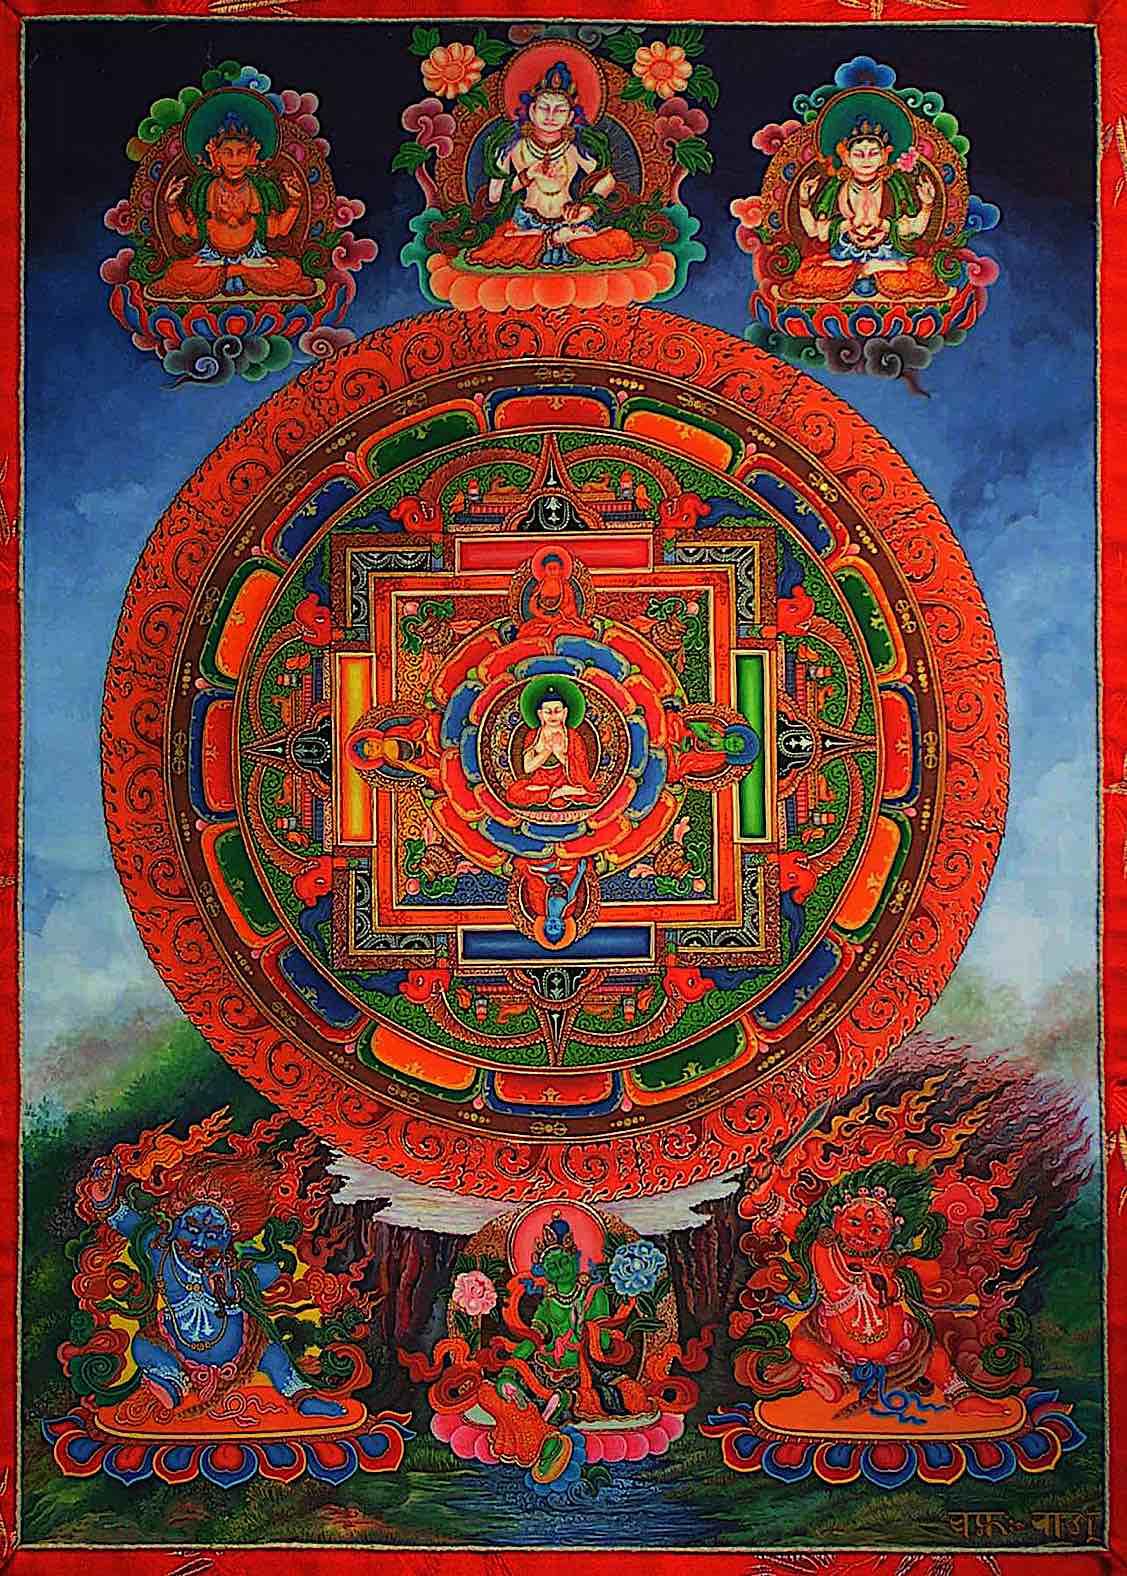 Buddha Weekly Five Dhyani Buddhas Mandala with Tara Beautiful Buddhism